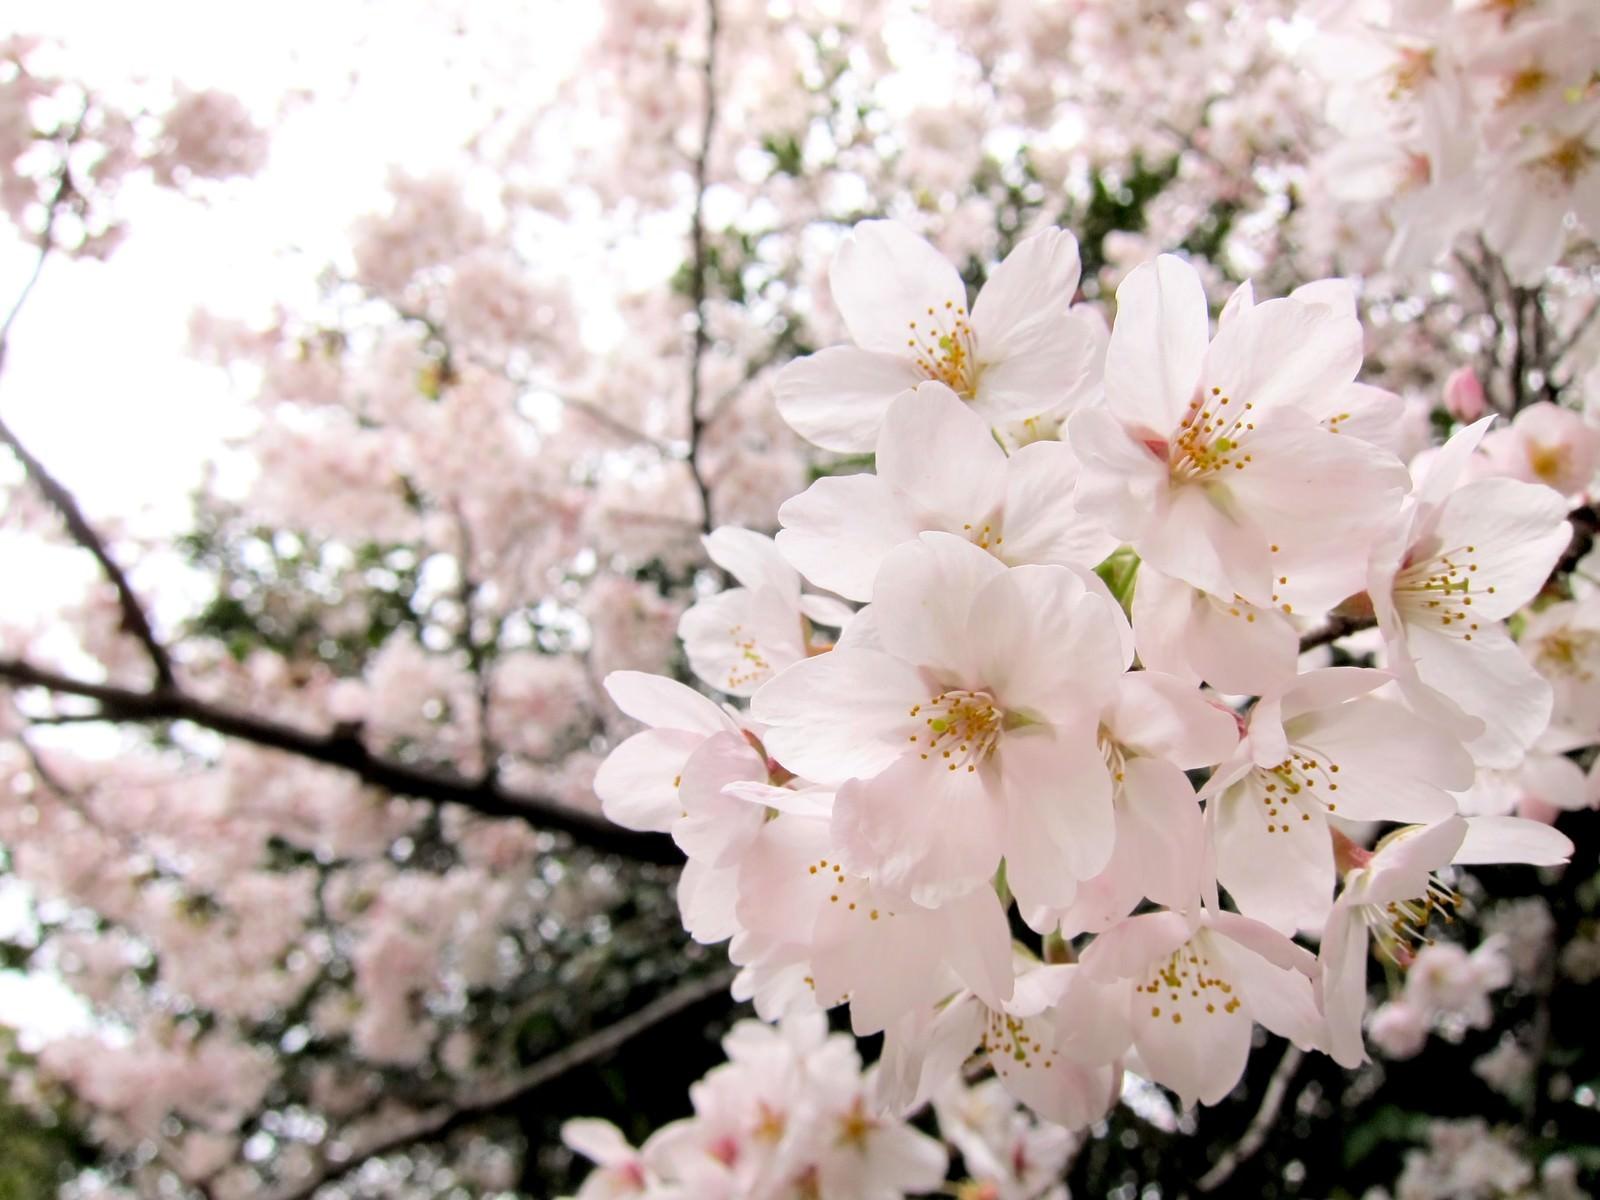 「淡いピンク色の桜淡いピンク色の桜」のフリー写真素材を拡大